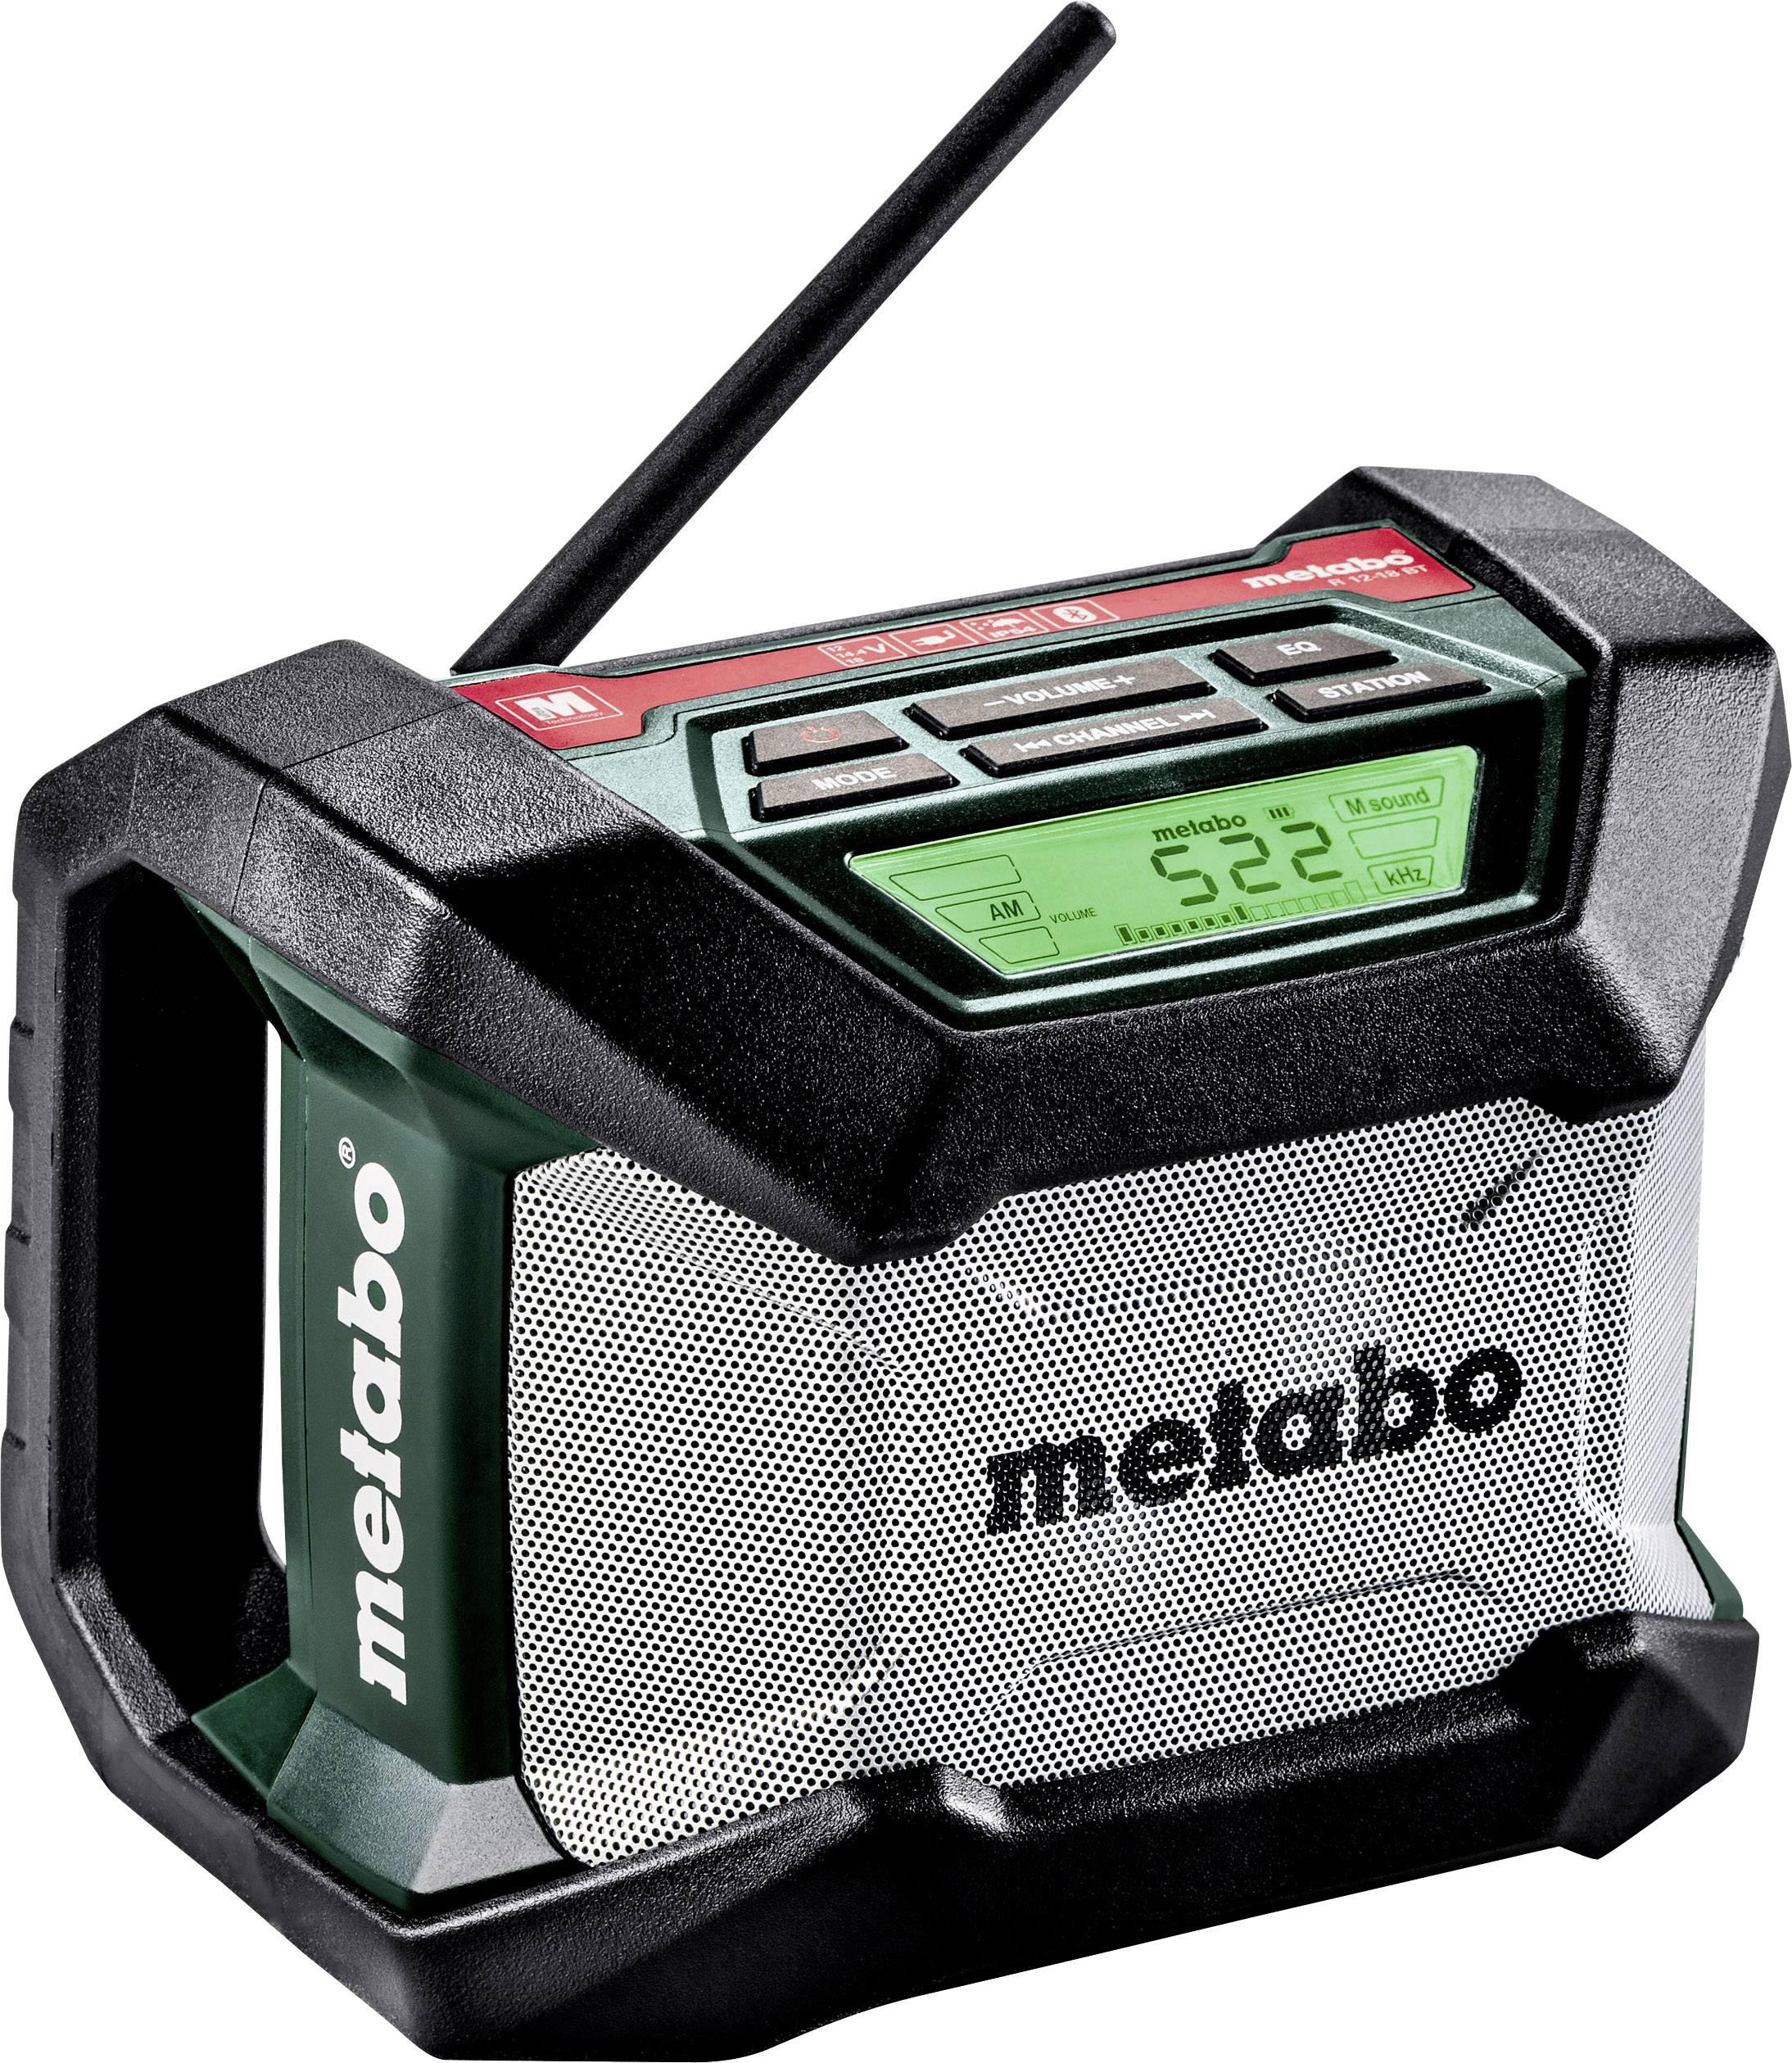 FM outdoorové rádio Metabo R 12-18 BT, Bluetooth, černá, zelená, šedá